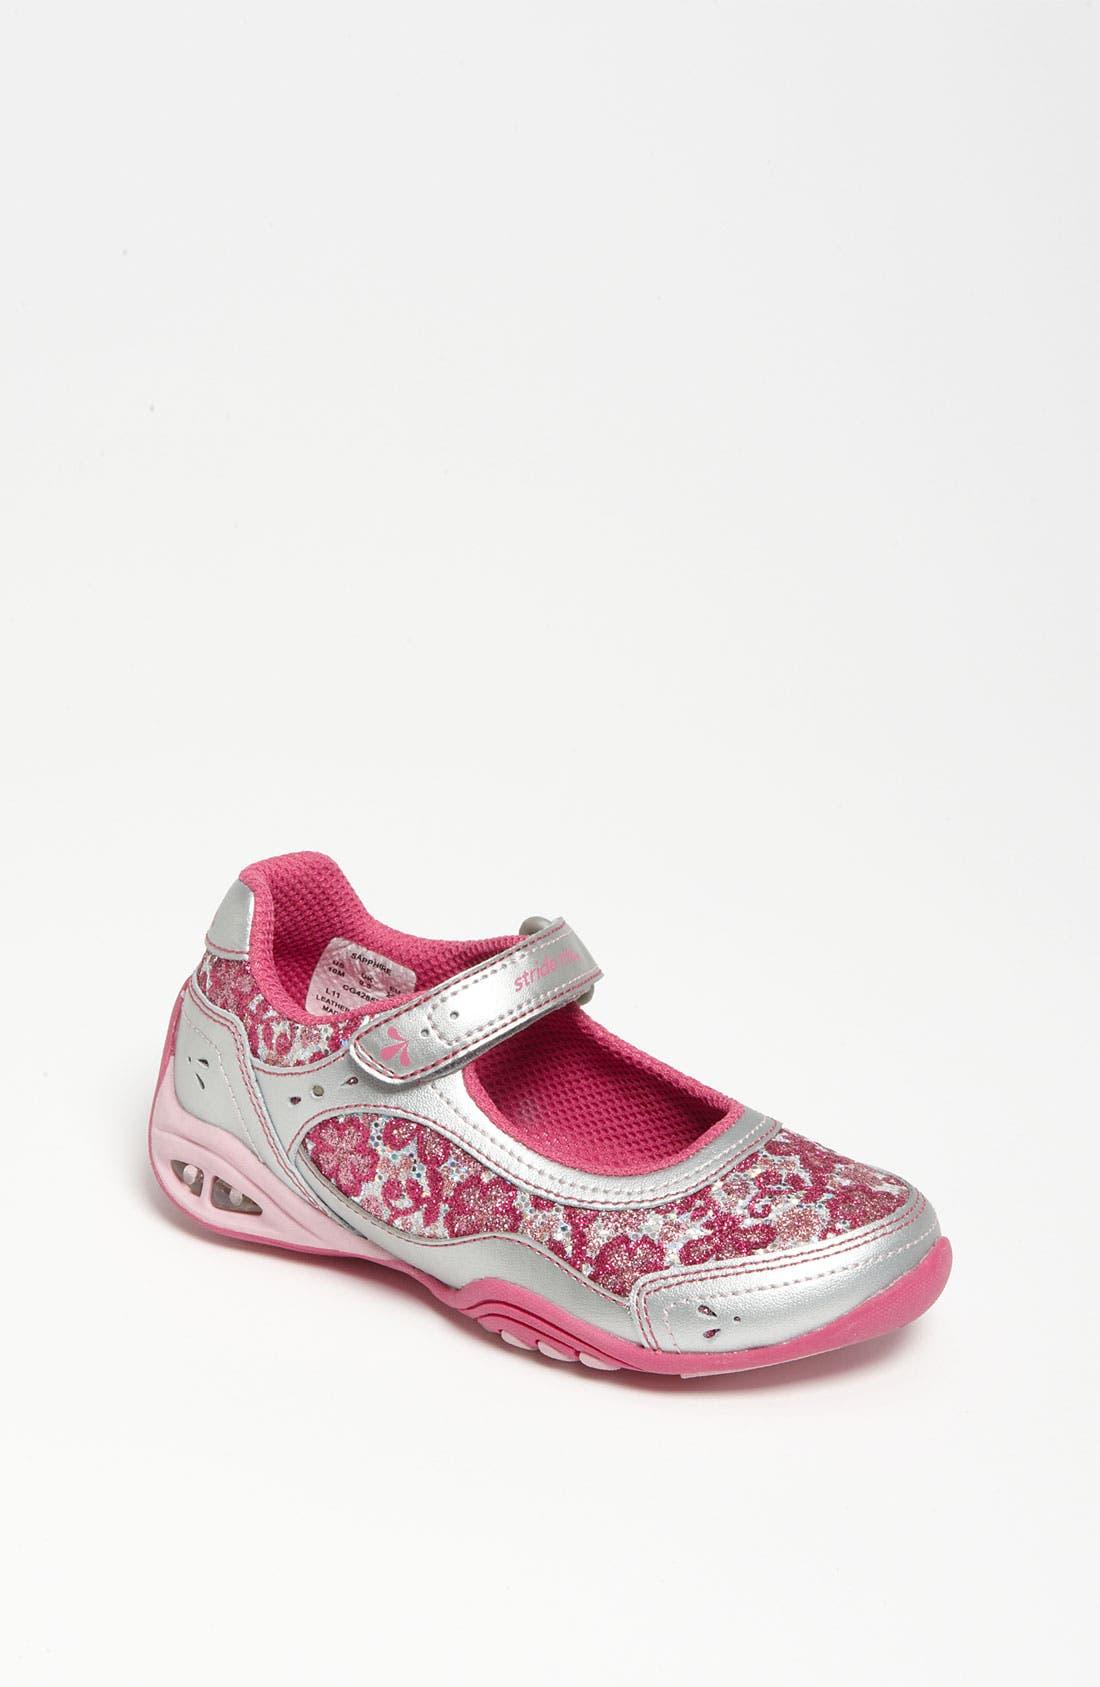 Main Image - Stride Rite 'Sapphire' Light-Up Sneaker (Walker, Toddler & Little Kid)